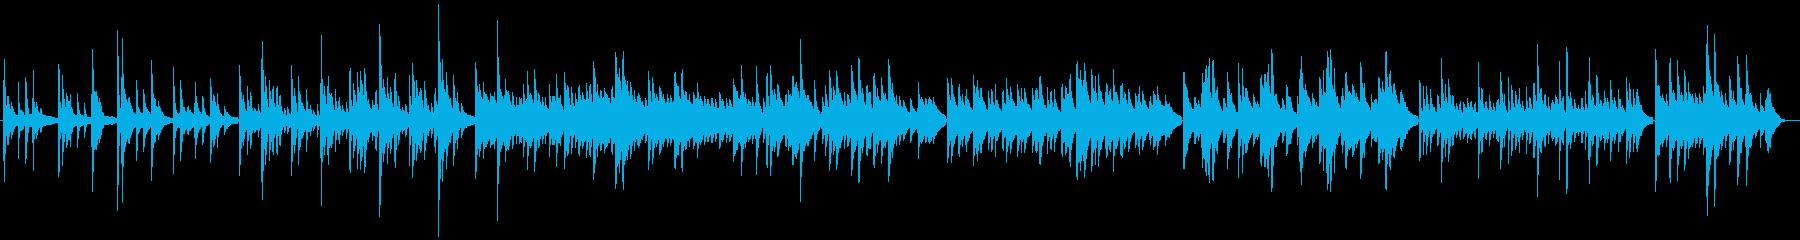 さみしげなグランドピアノ・バラード曲の再生済みの波形